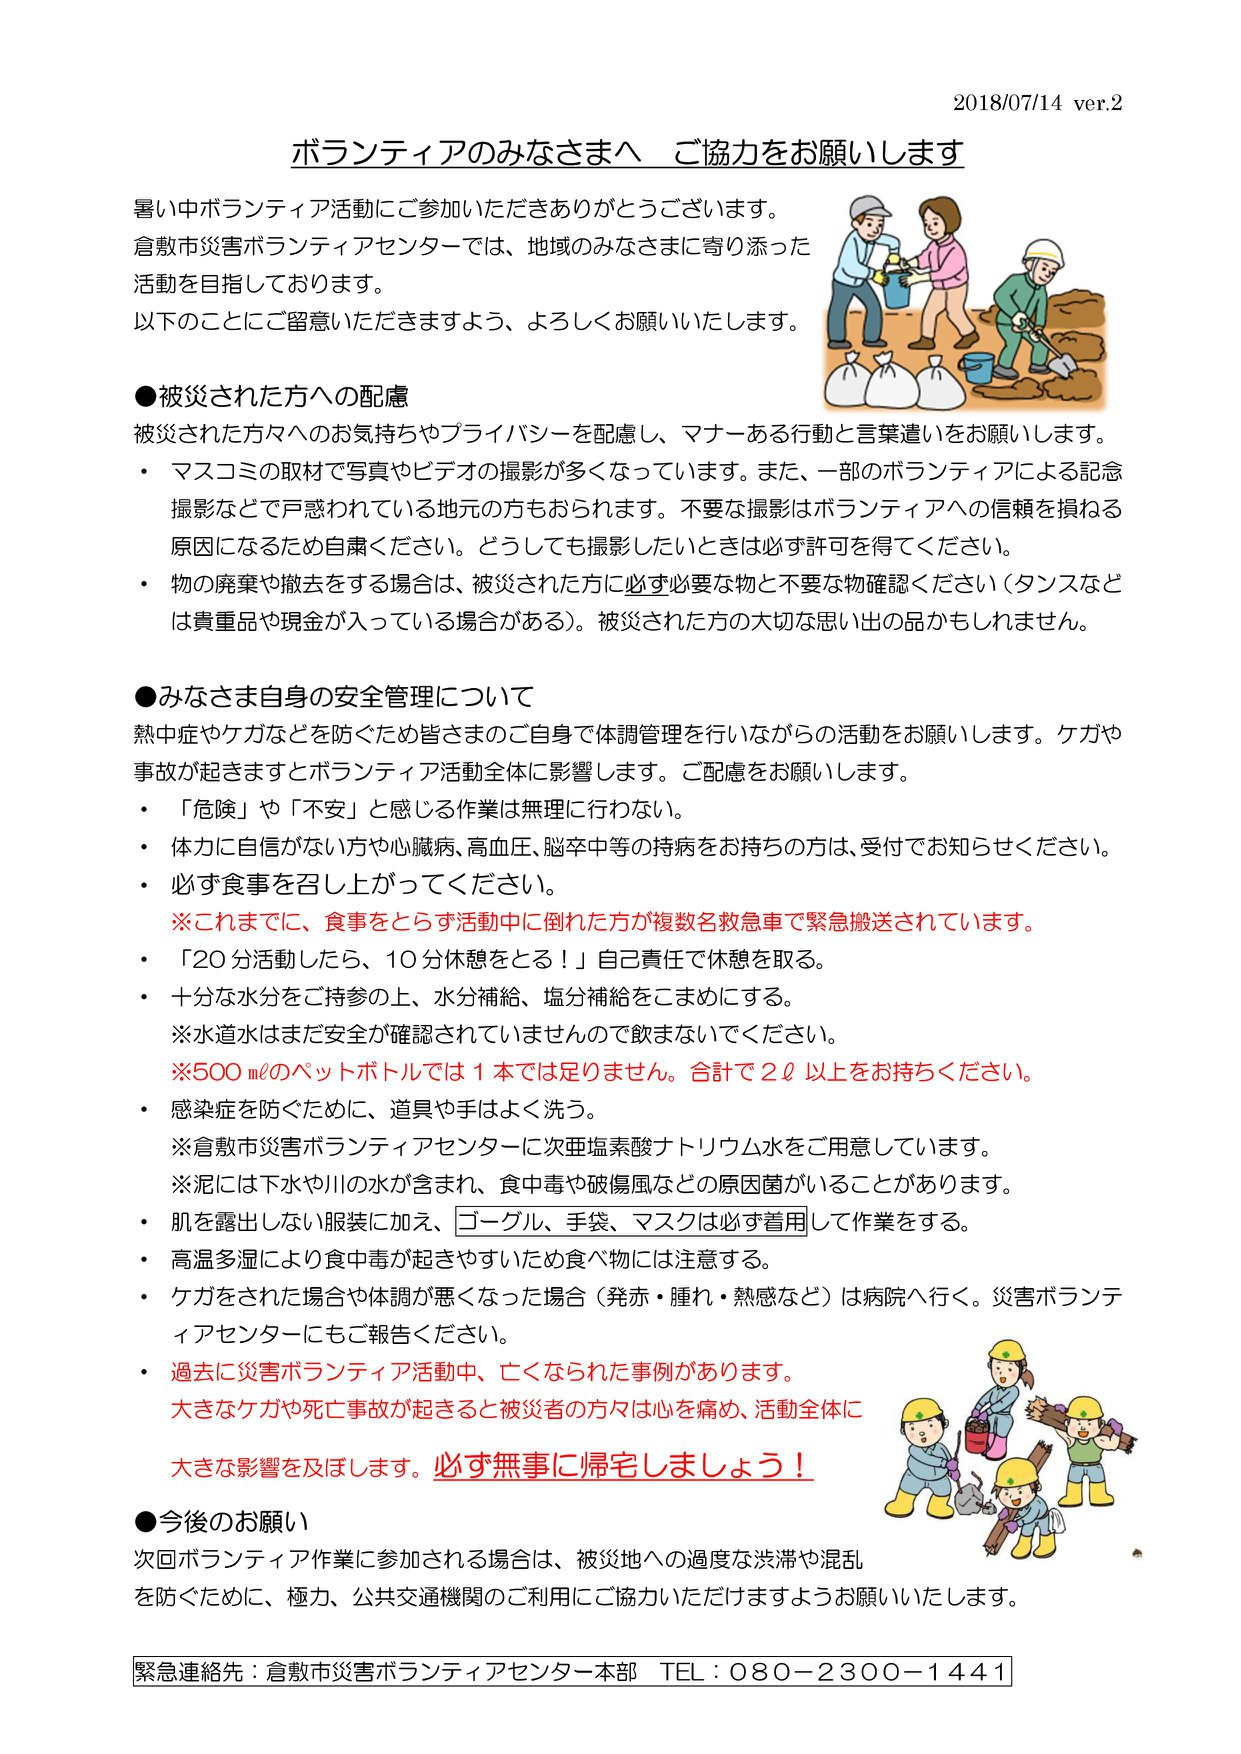 【平成30年7月豪雨】災害ボランティアに取り組まれているみなさんへ (2018年7月15日)